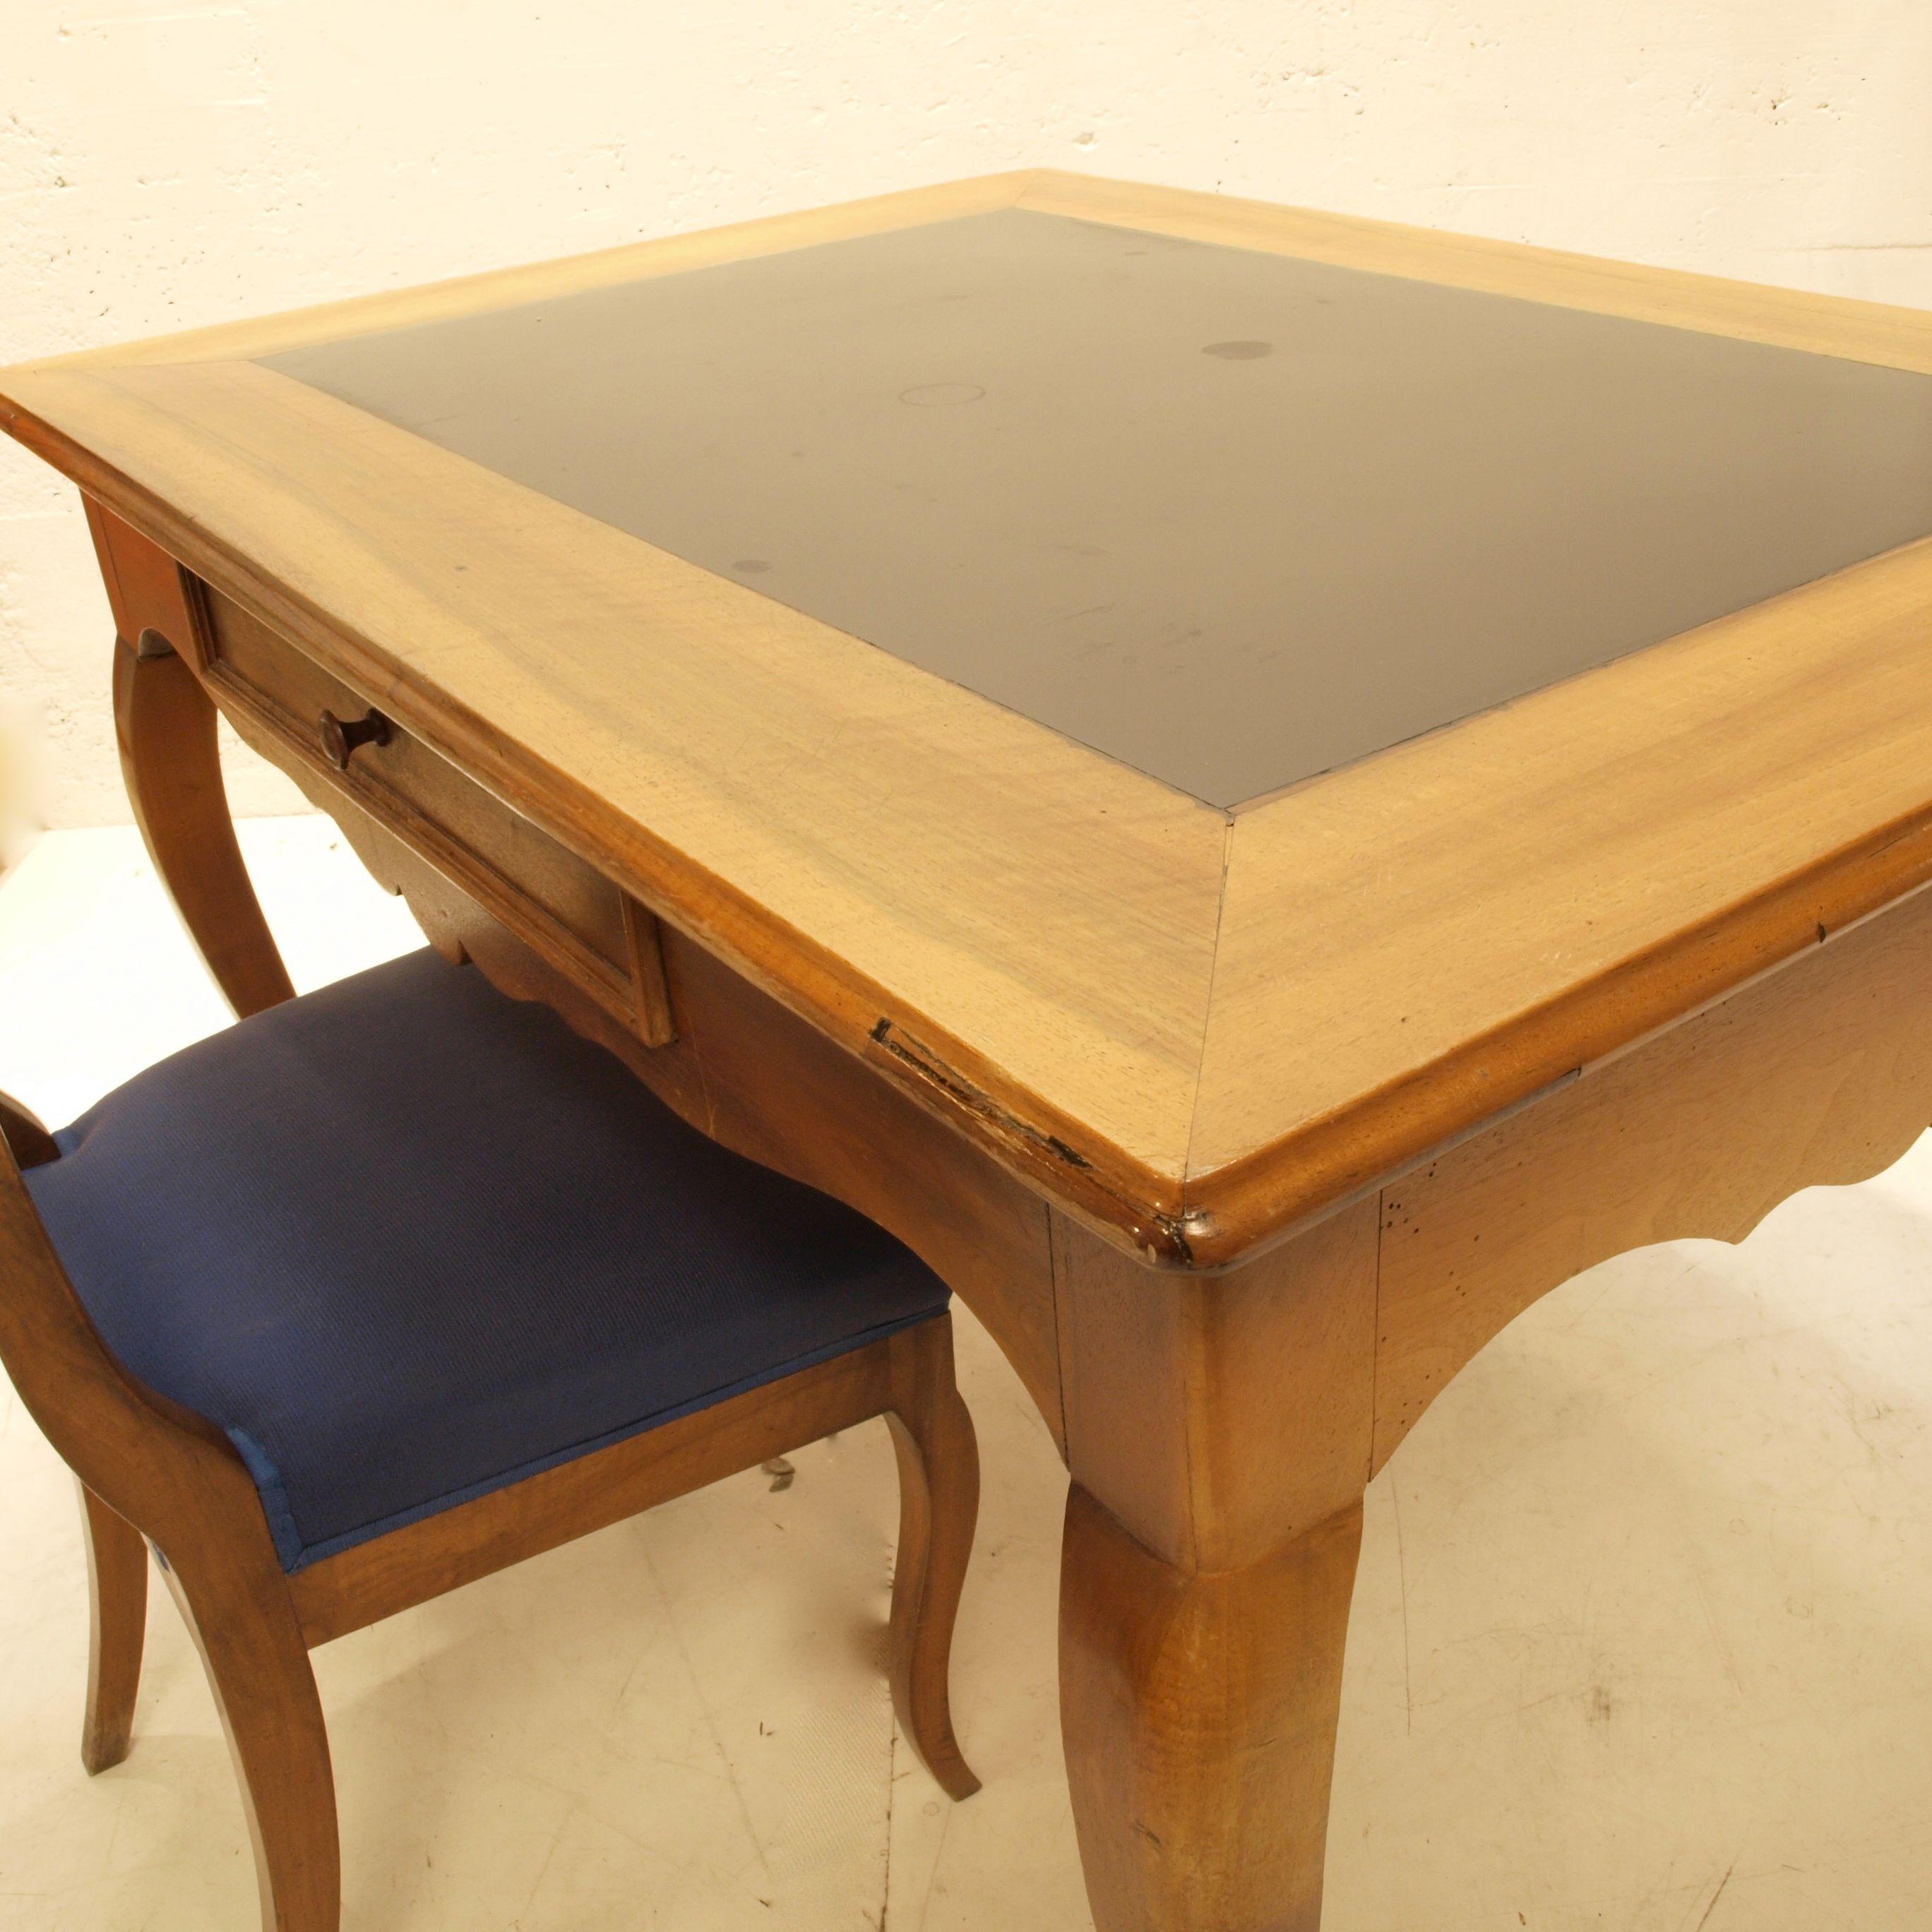 Schiefertisch Schweiz ~ Nussbaumtisch mit Schieferplatte und Auszug  Möbel Zürich  Vintagemöbel